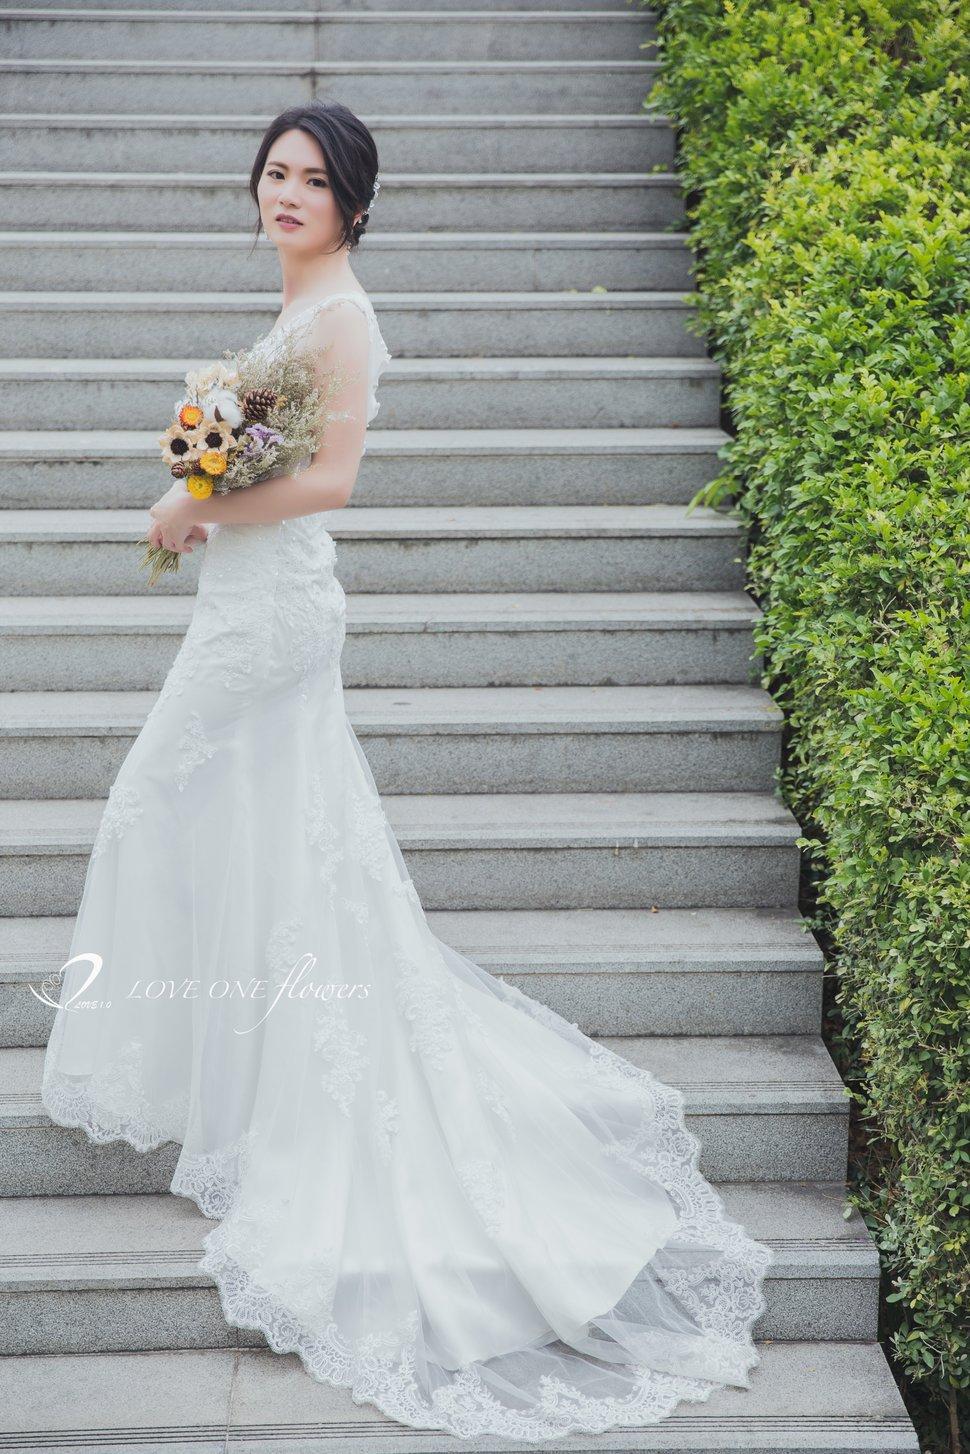 愛意乾燥花花束推薦58 - 高雄婚紗愛意婚紗攝影工作室《結婚吧》